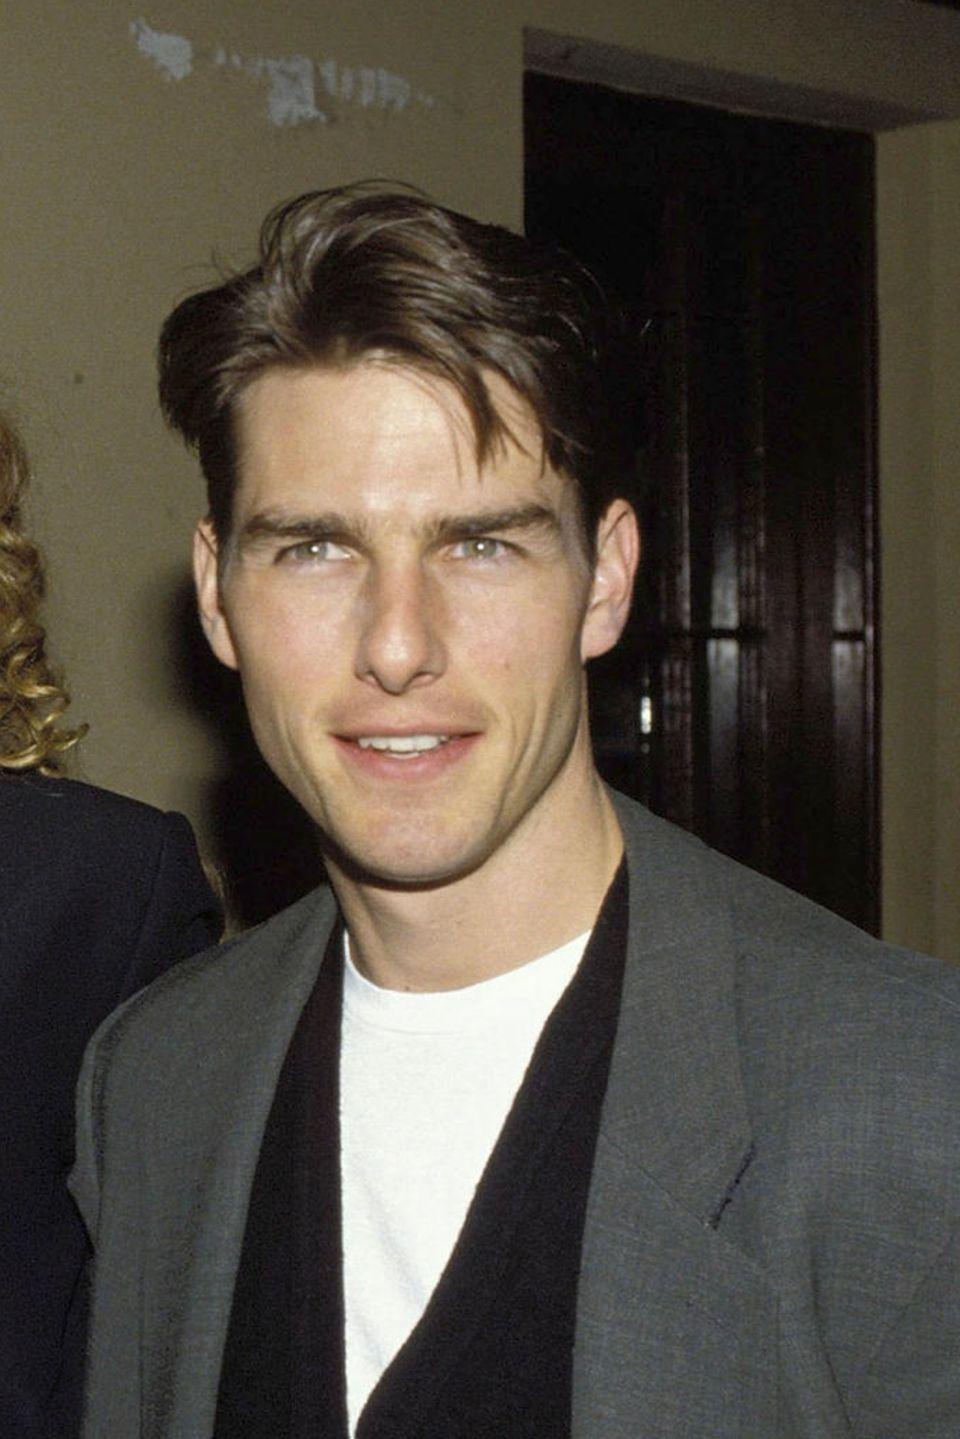 Man sieht: Im Vergleich zum Jahr 1993 ist Tom Cruise kaum gealtert. Dafür tut der Schauspieler allerdings auch eine Menge